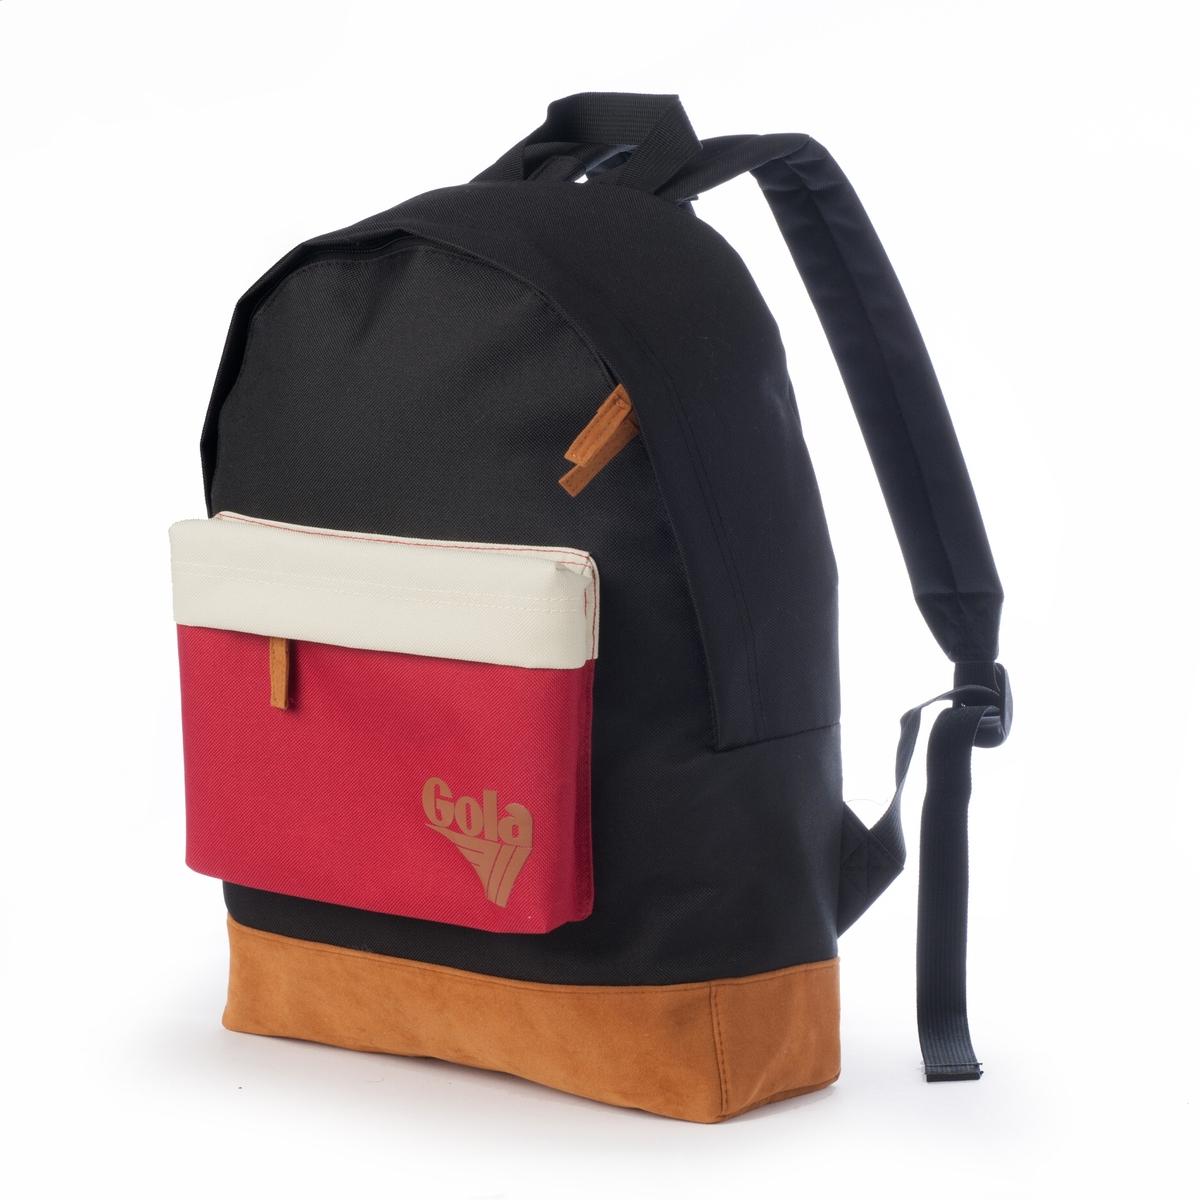 Рюкзак WALKERРюкзак WALKER от GOLAМарка : GOLAВерх : синтетический текстильЗастежка : на молниюКарманы : передний карман на молнии мягкие регулируемые лямки   Преимущества : этот рюкзак от GOLA пригодится вам благодаря своему хорошему объему и яркому внешнему виду .<br><br>Цвет: черный<br>Размер: единый размер